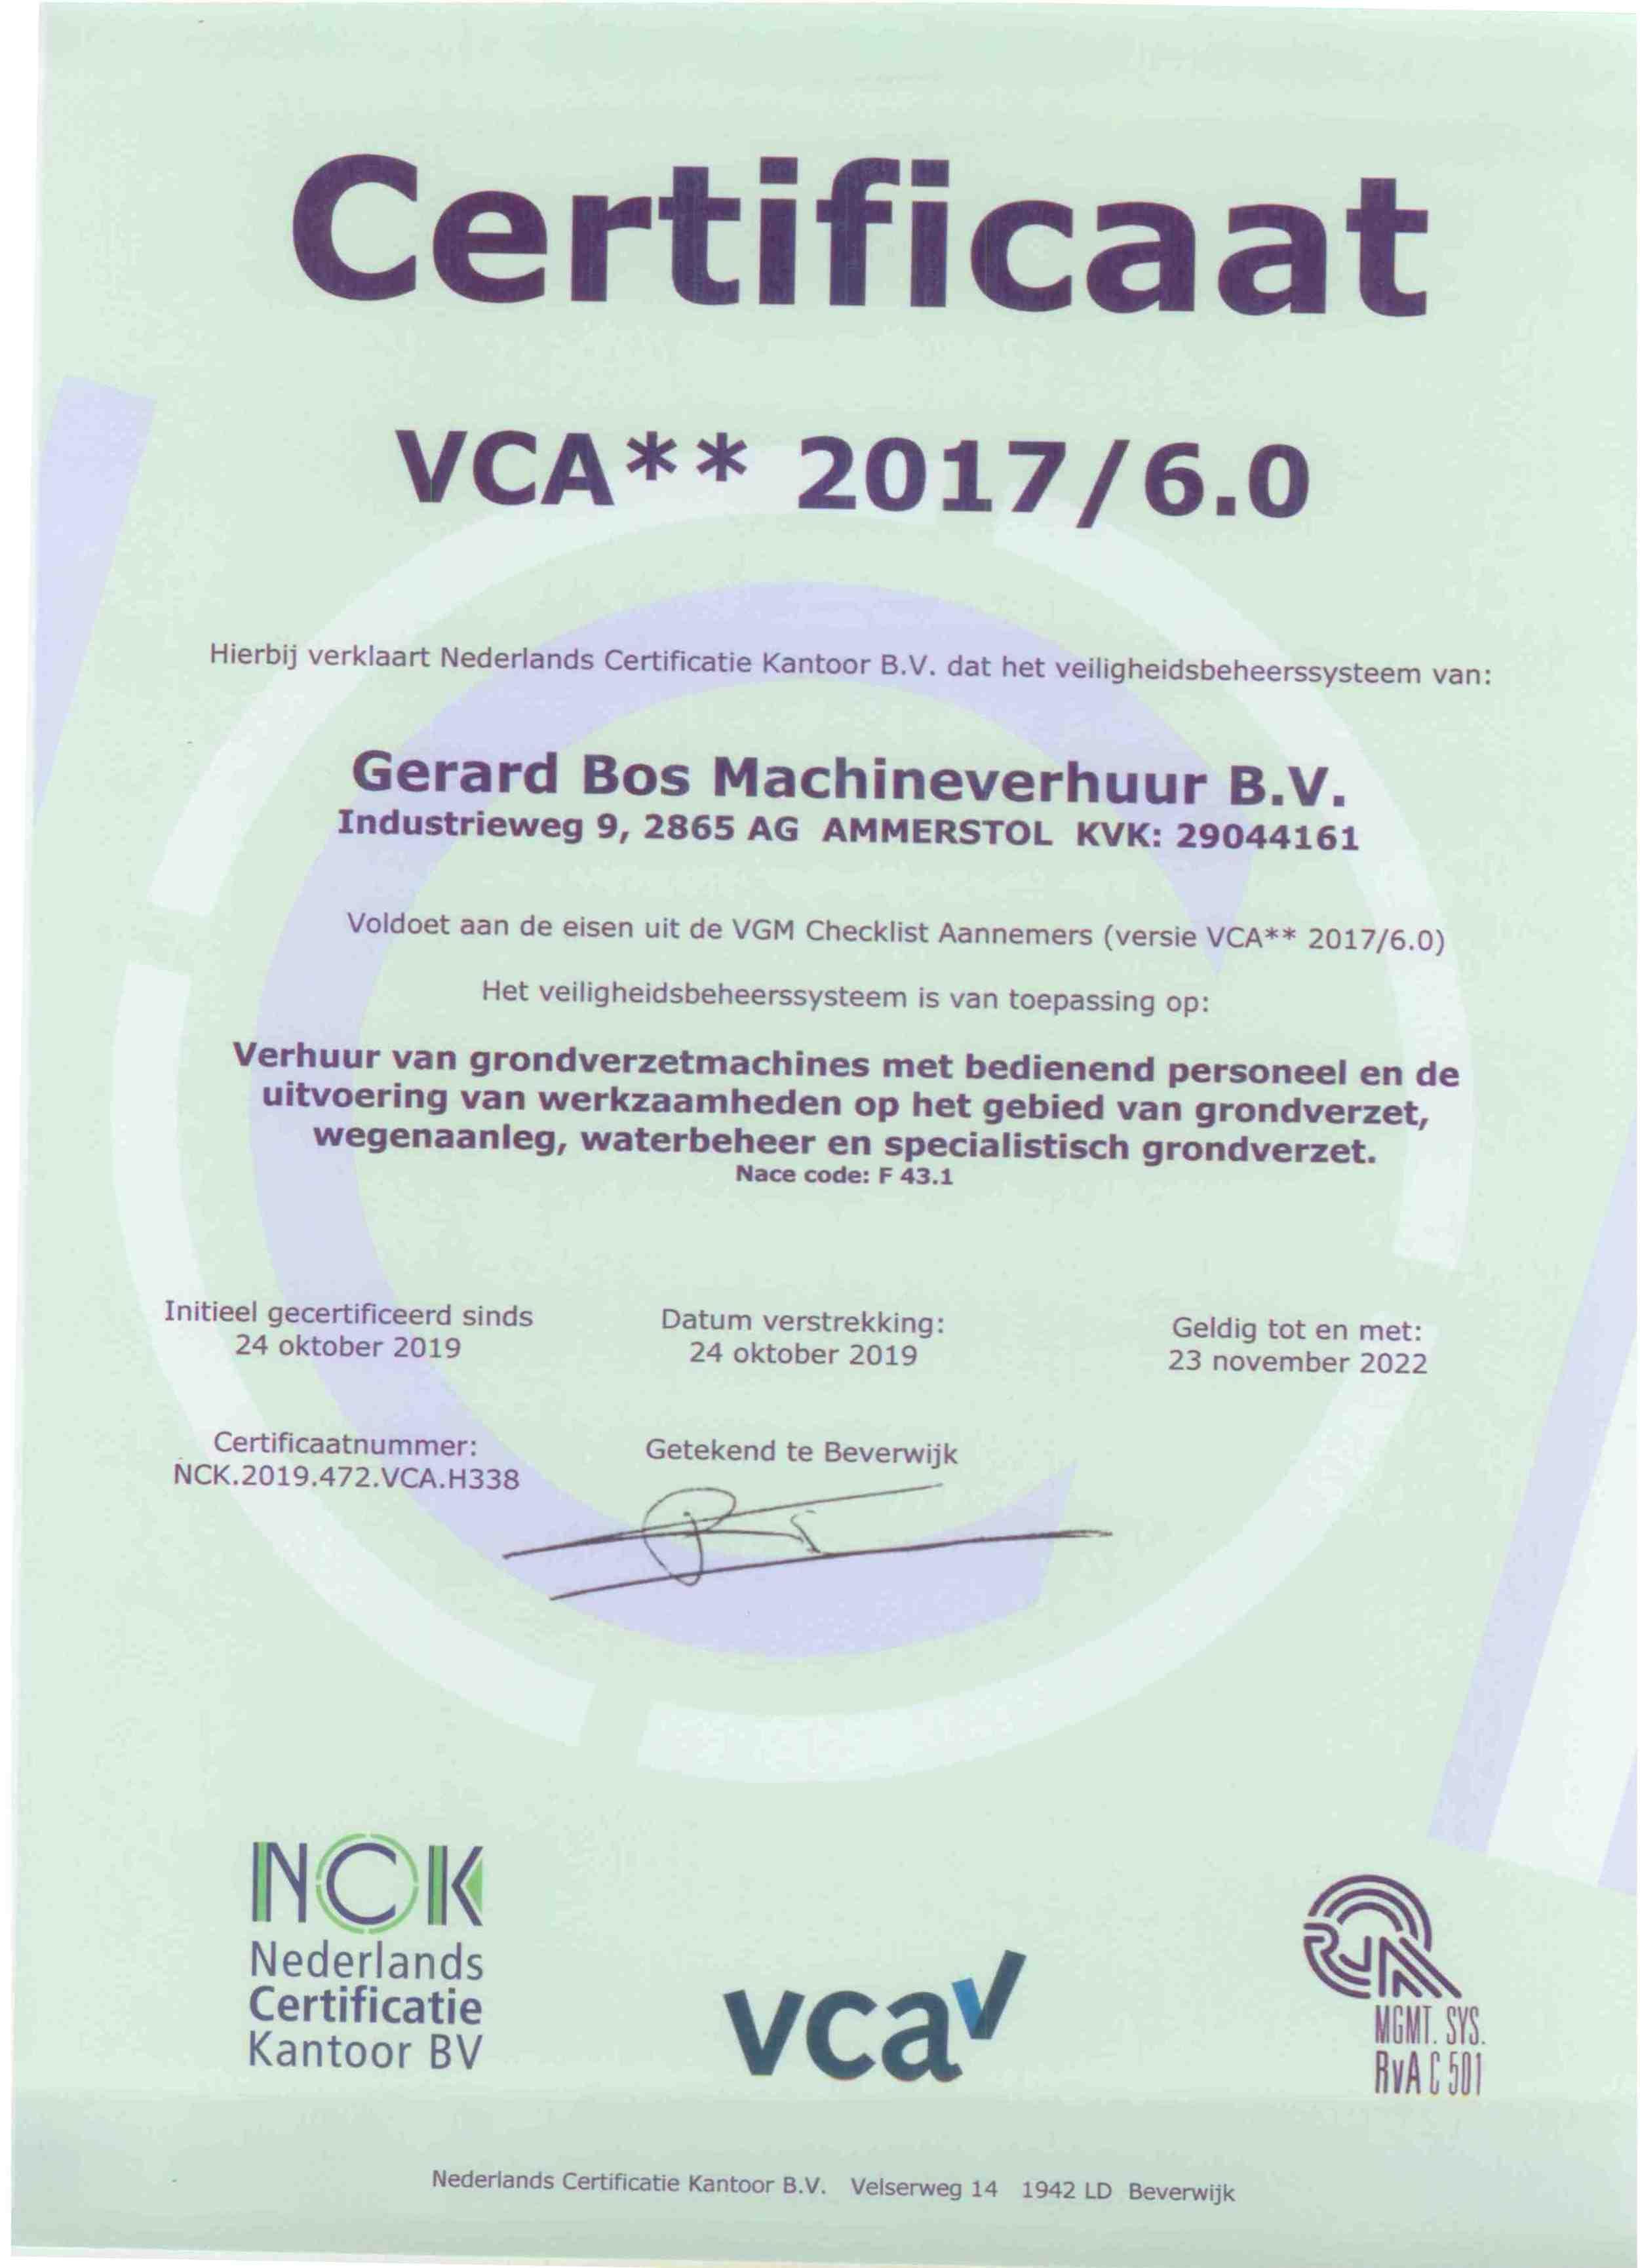 Certificaat VCA 2017_6 0